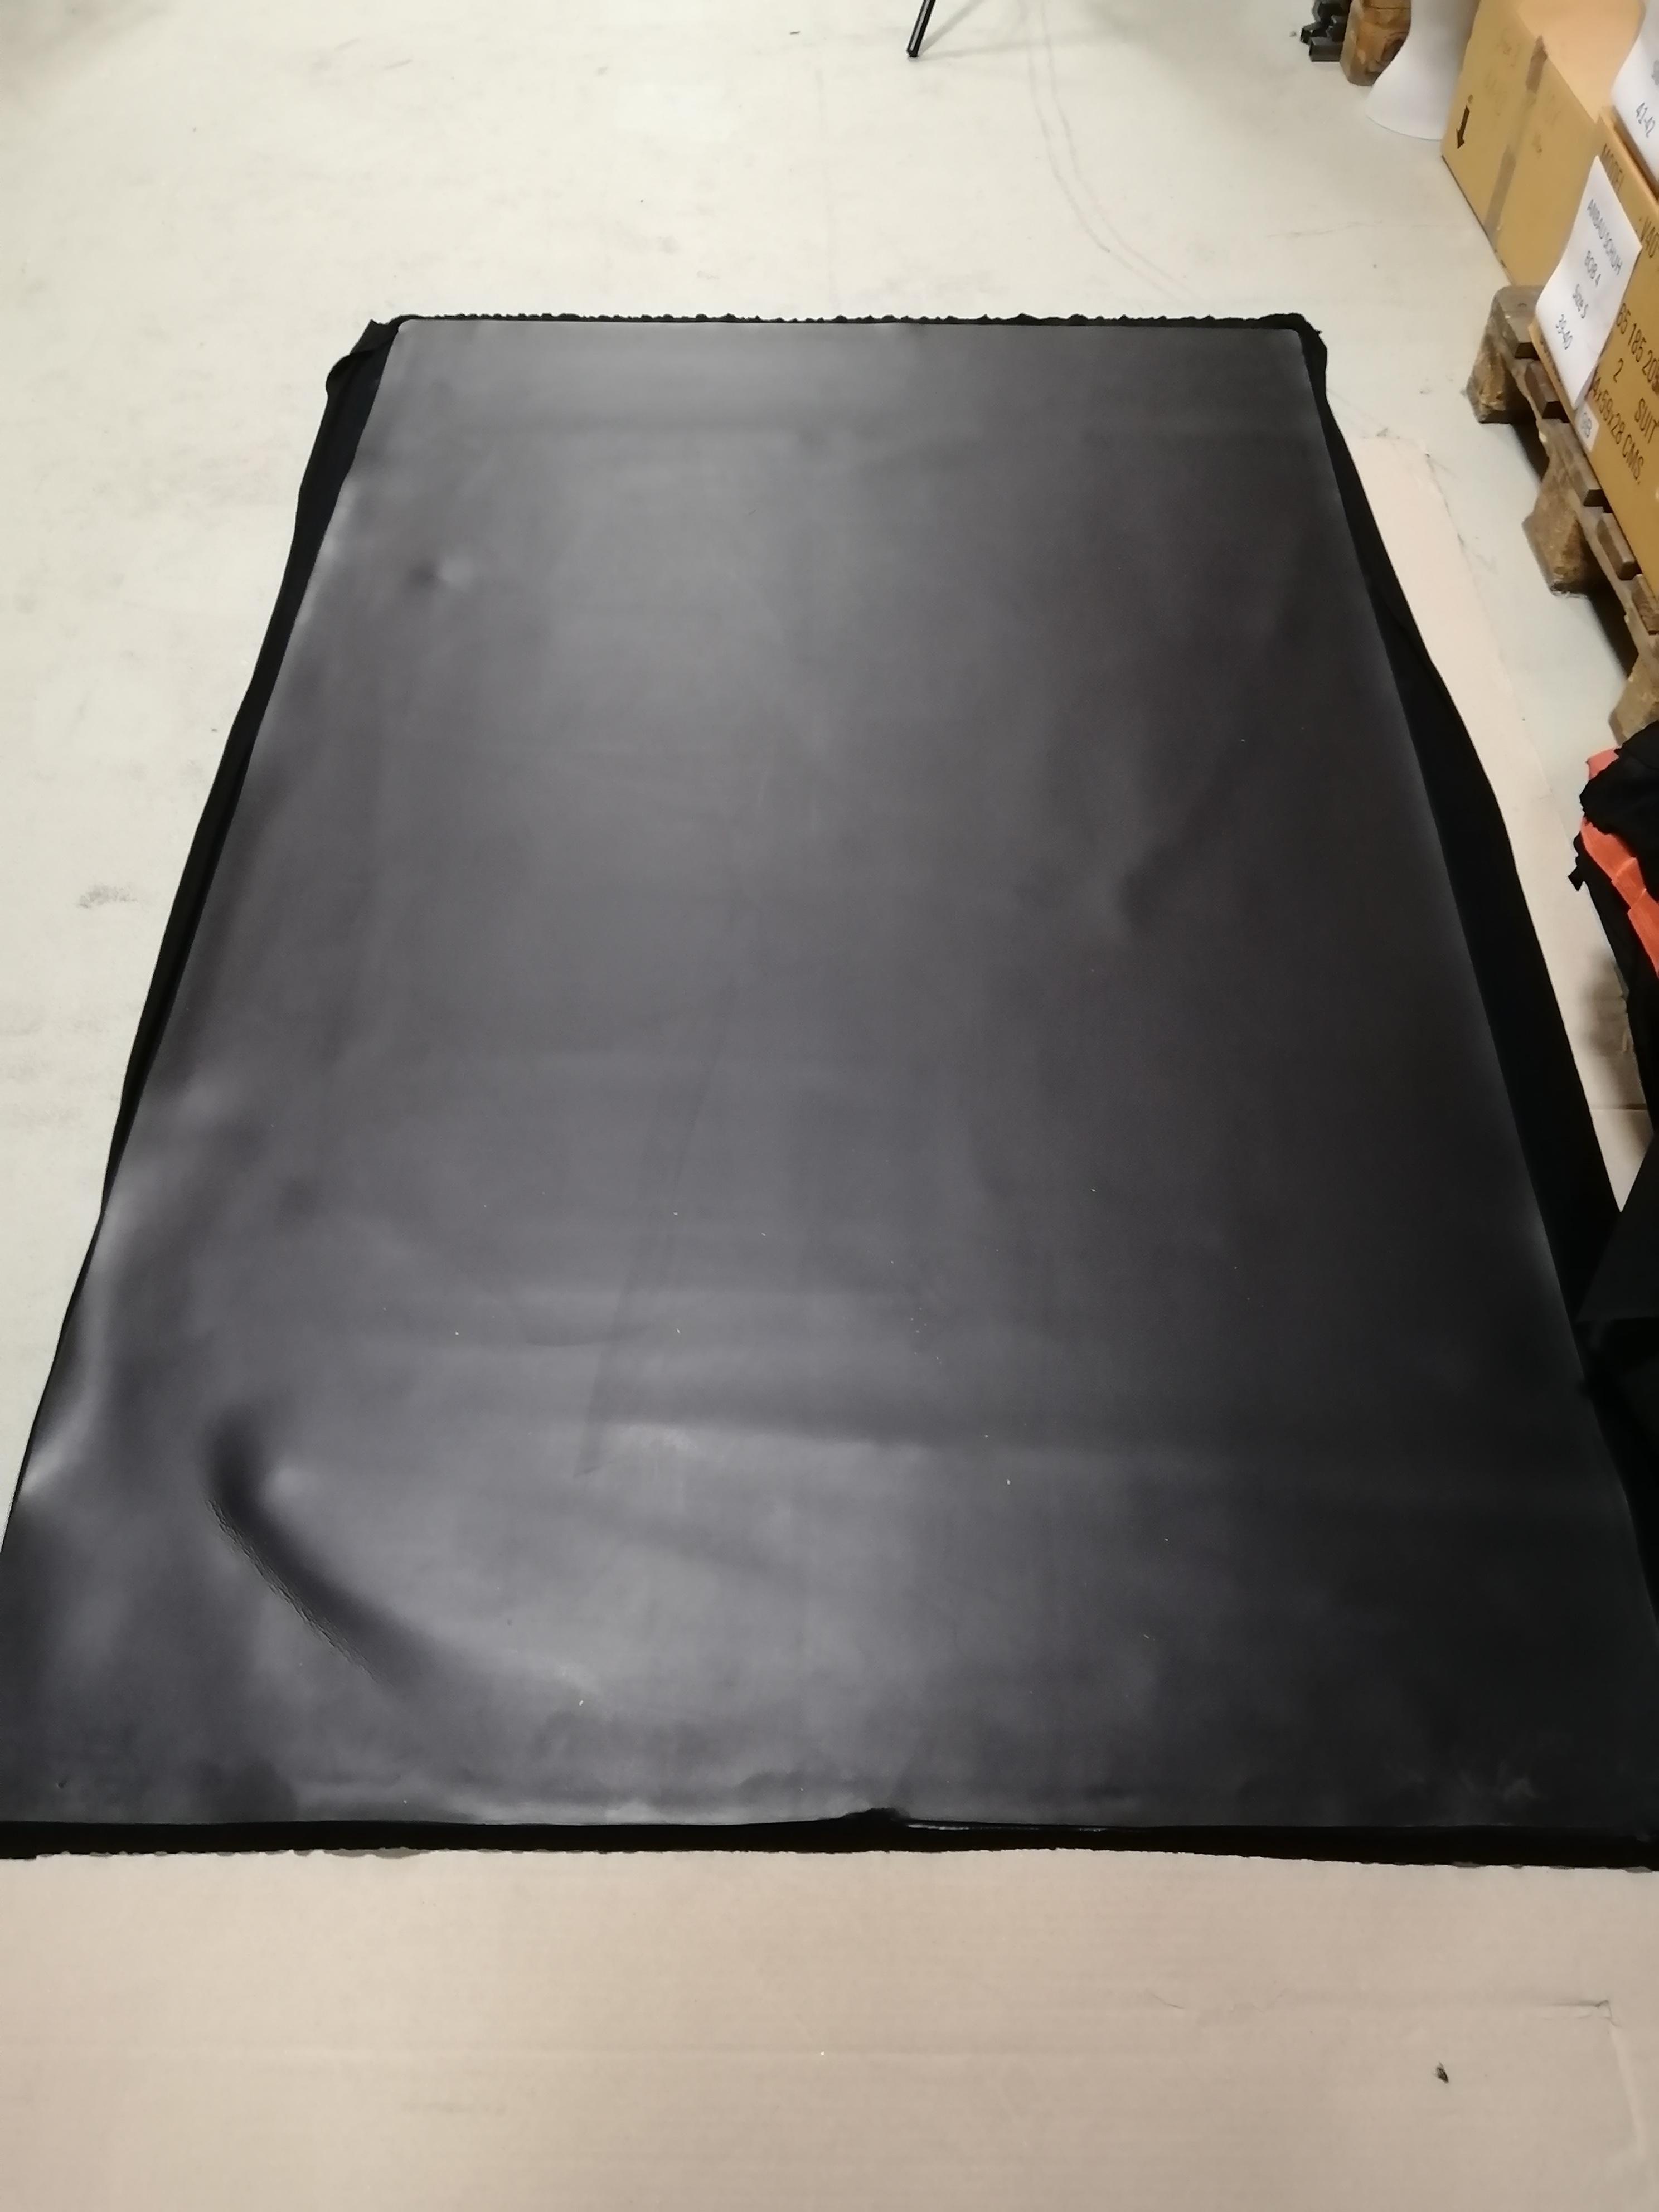 Neopren Platte  für  Reparatur oder Herstellung von Anzügen